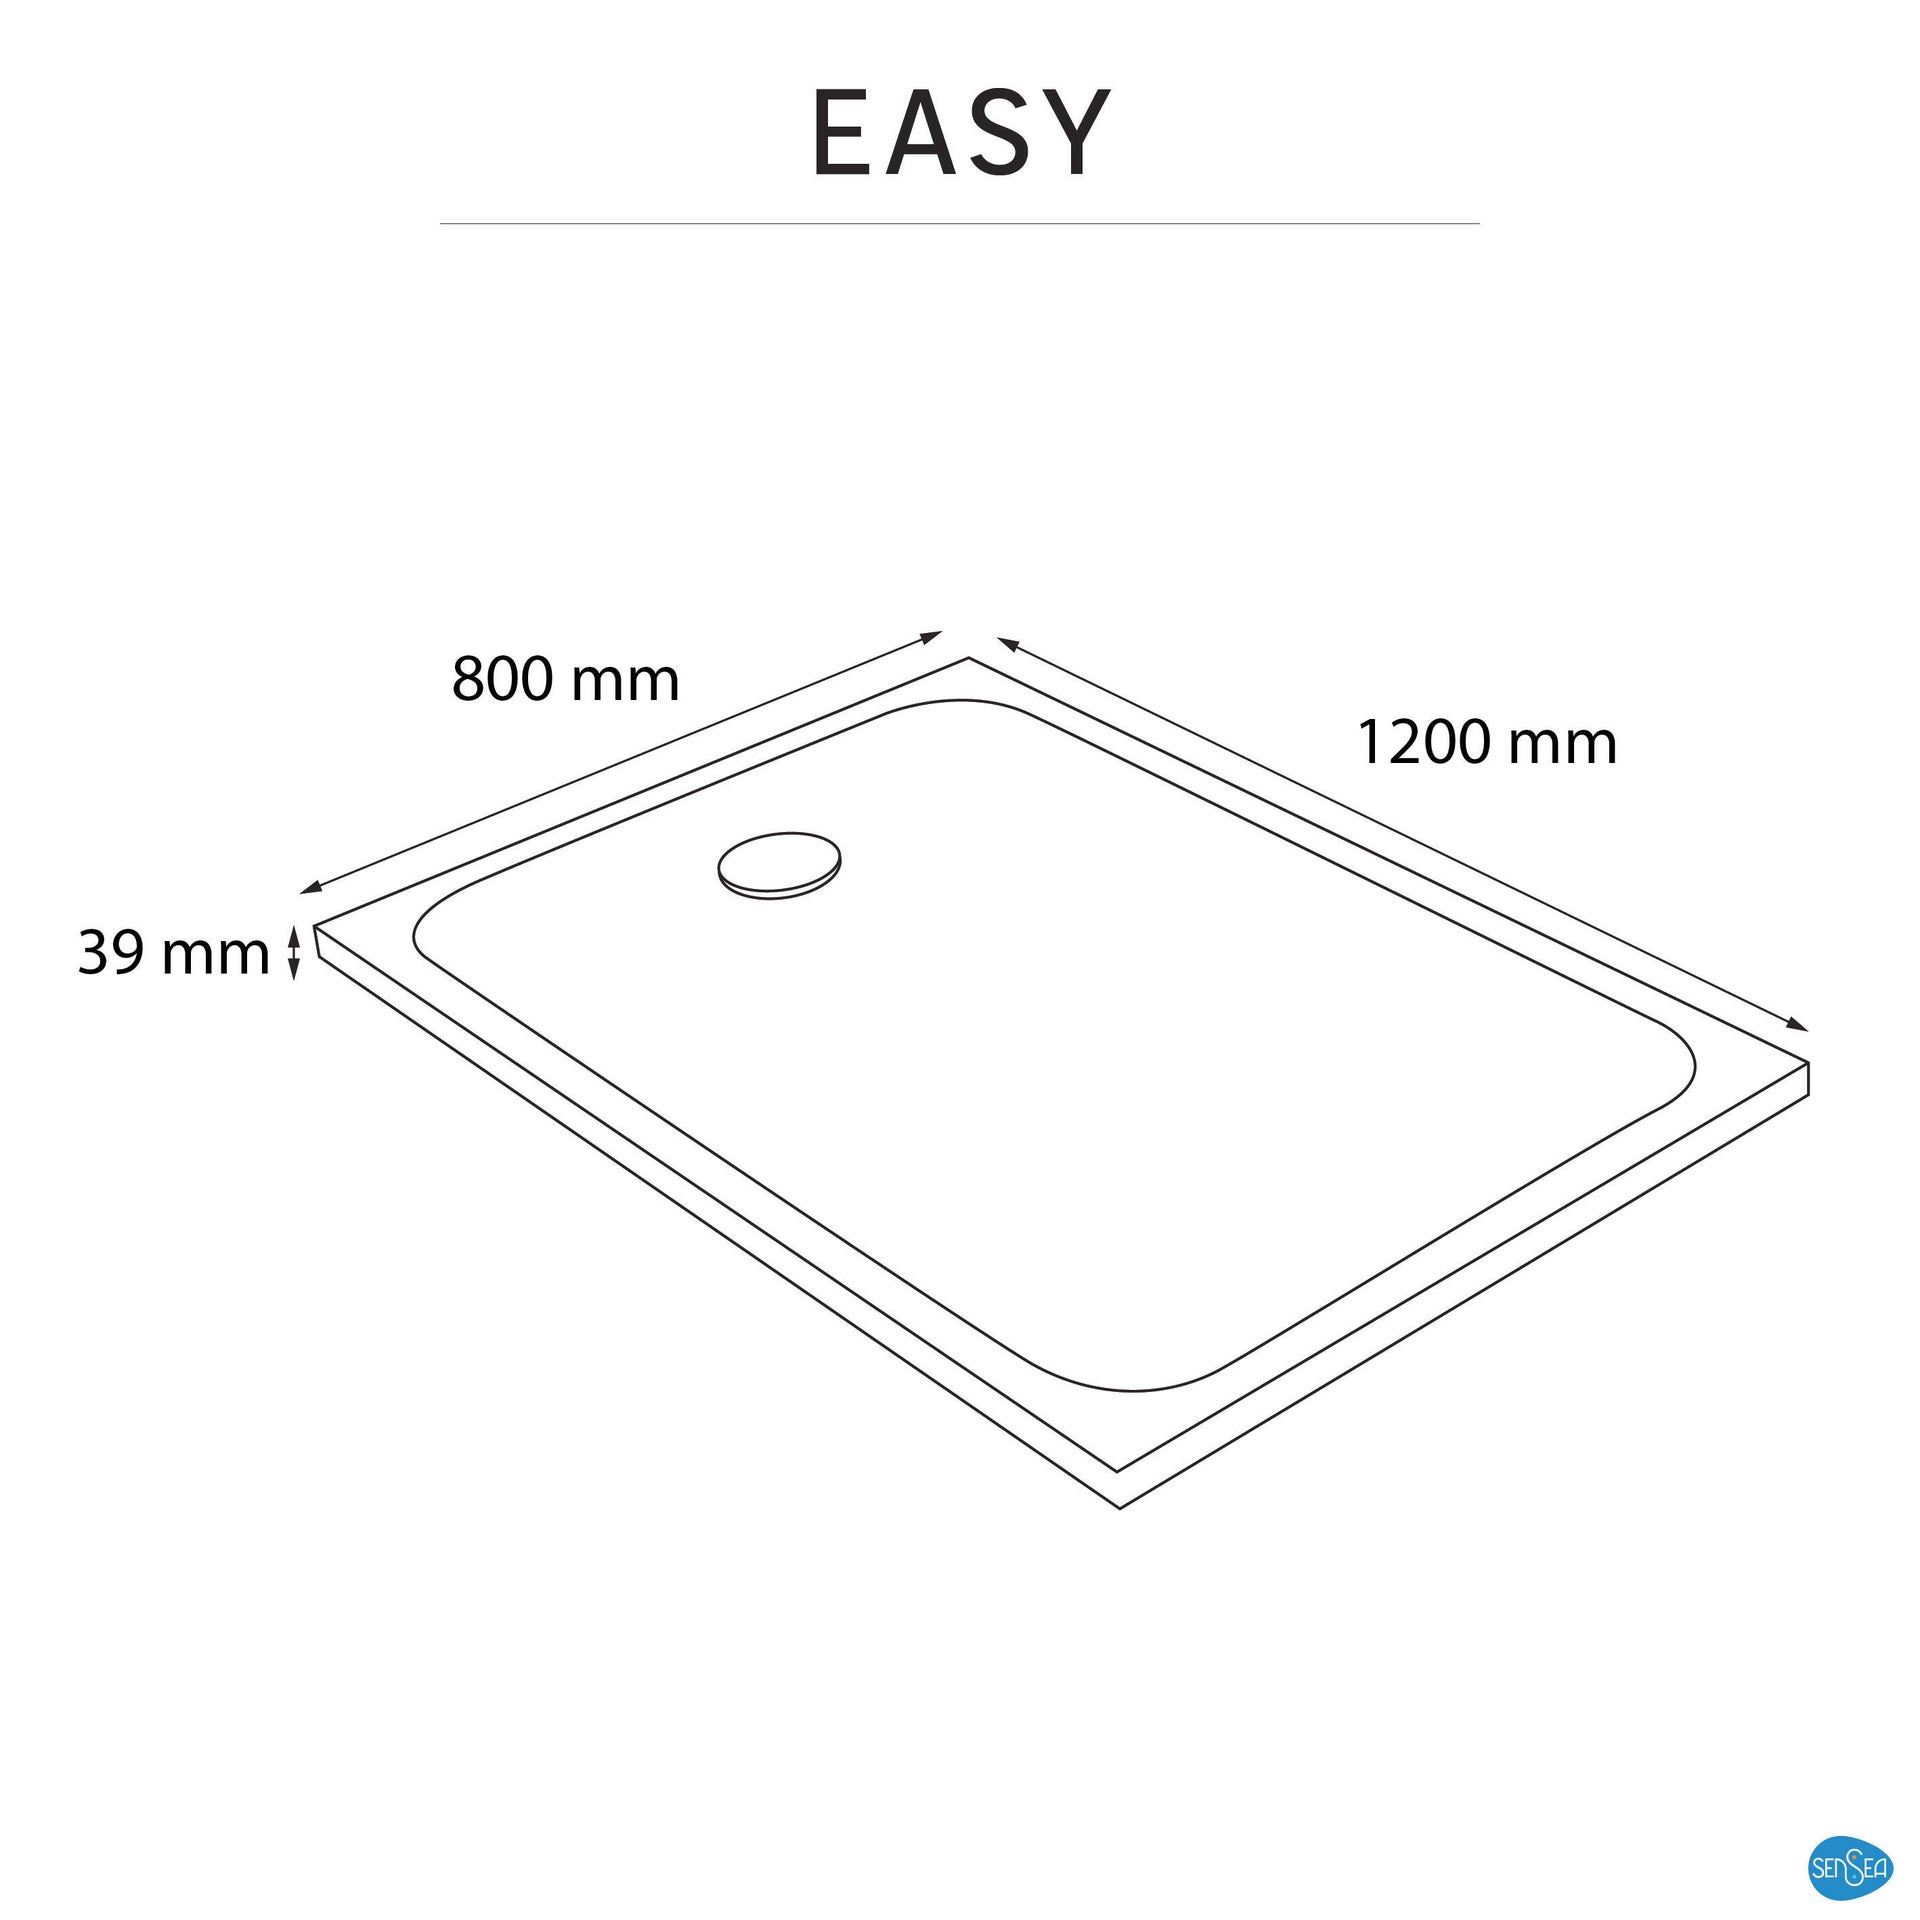 Piatto doccia resina sintetica e polvere di marmo Easy 80 x 120 cm bianco - 4